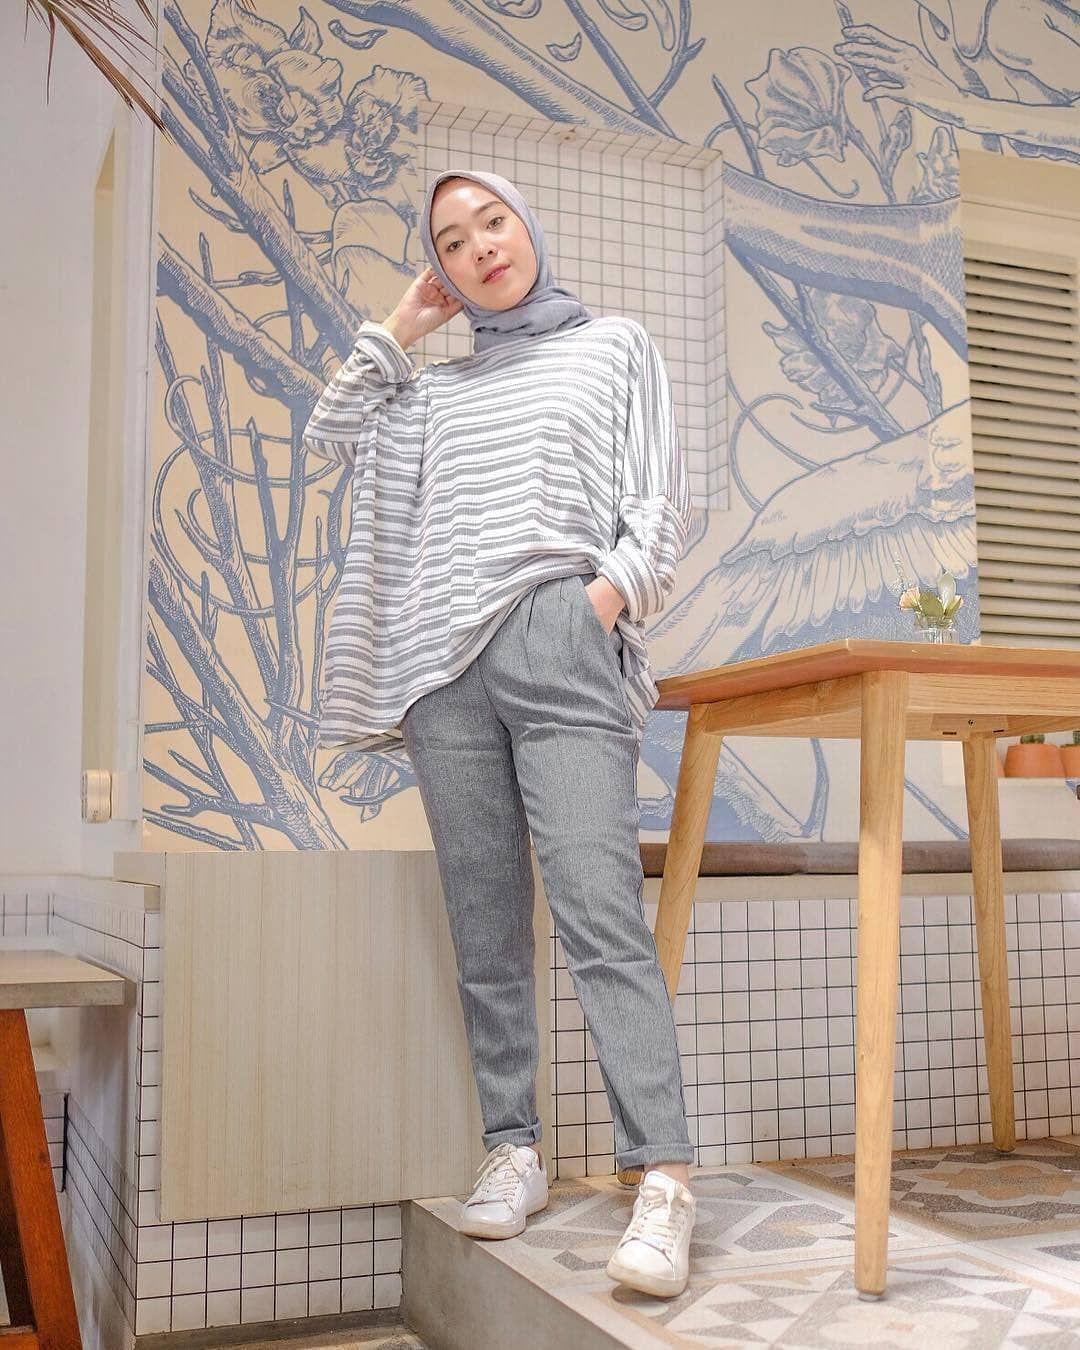 Pin Oleh Ym Di Hijab Style Model Pakaian Remaja Wanita Model Pakaian Model Pakaian Remaja